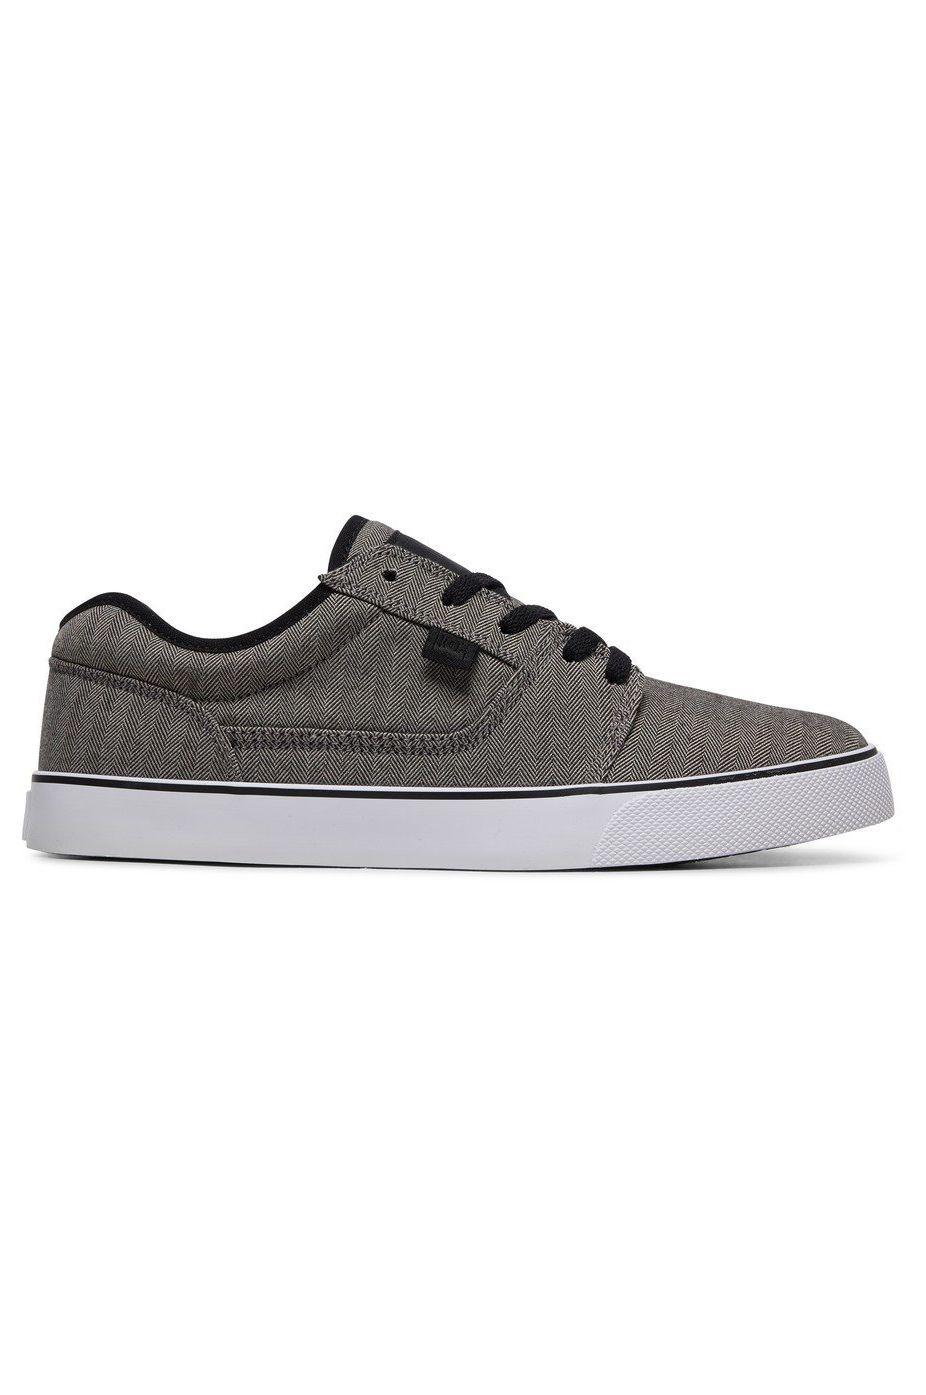 Tenis DC Shoes TONIK TX SE Black/Armor/Black